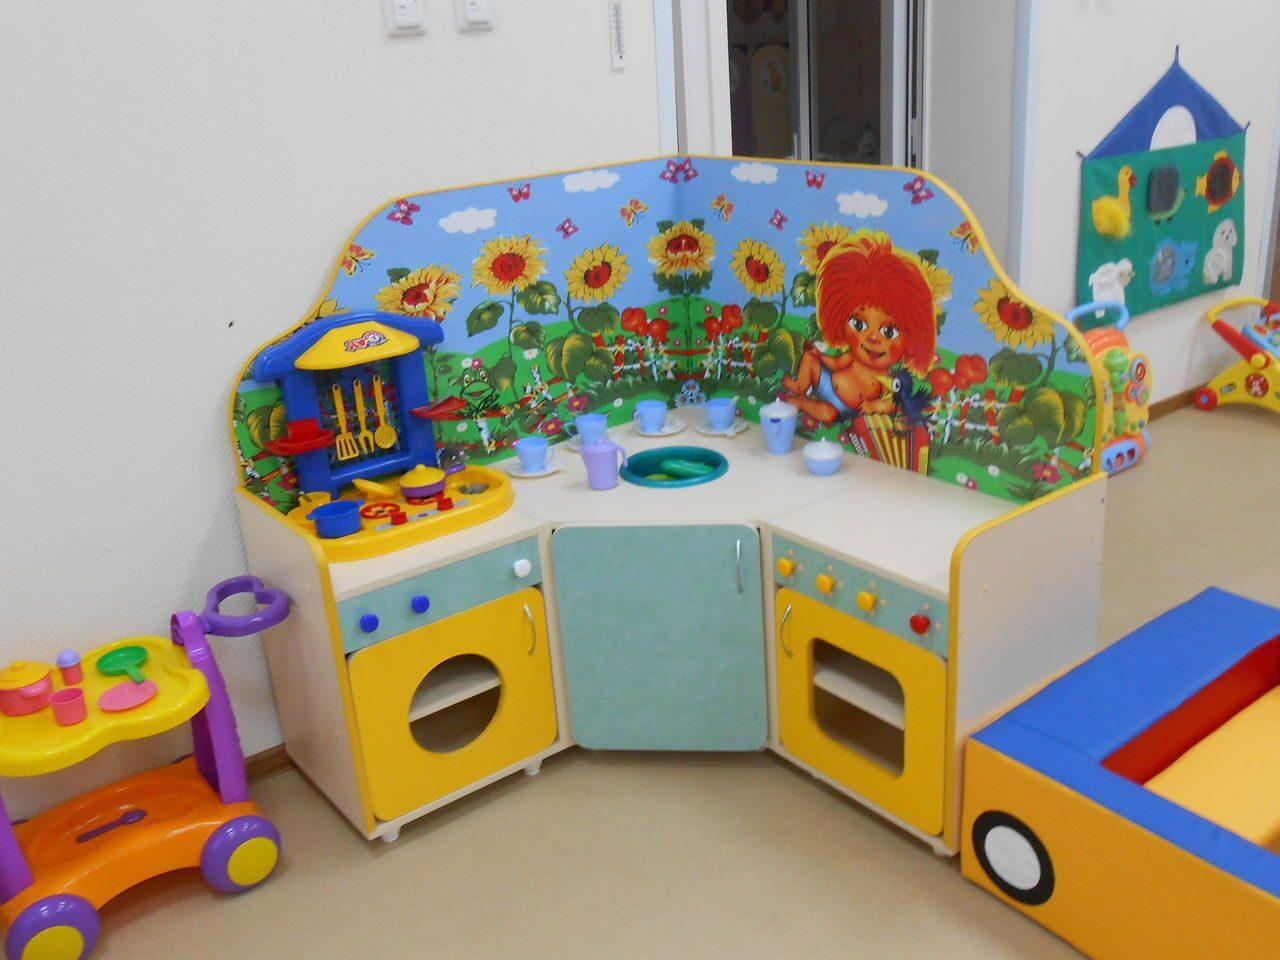 Мебель длЯ уЧреждений мебельмир - корпусная мебель на заказ .